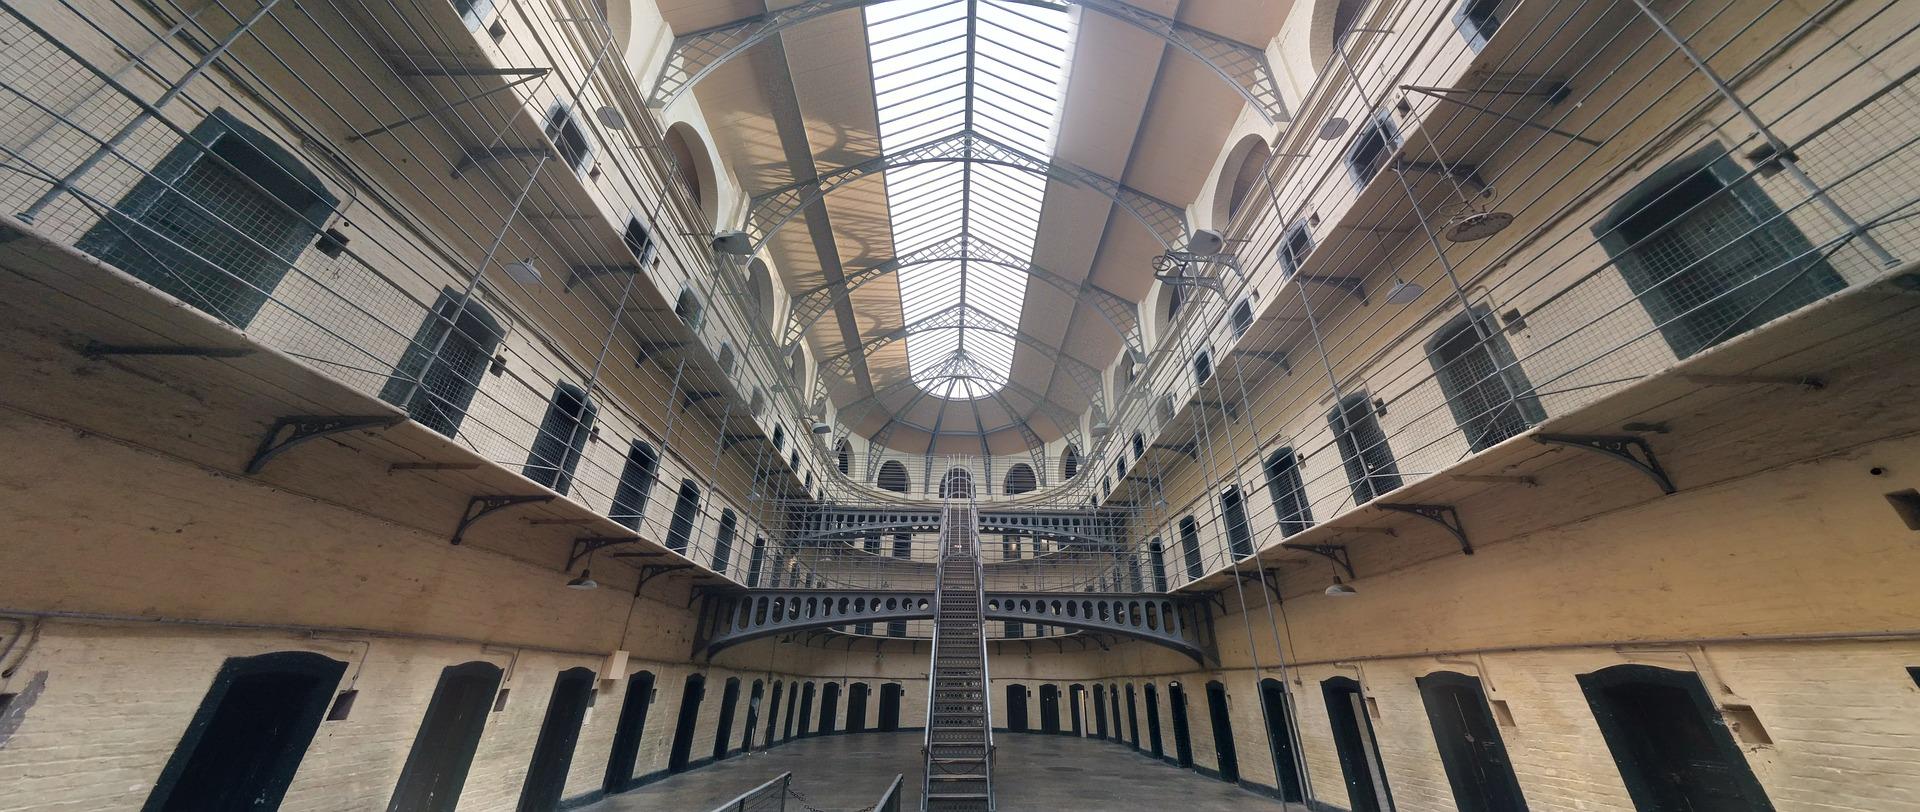 Interiér věznice (ilustrační foto)